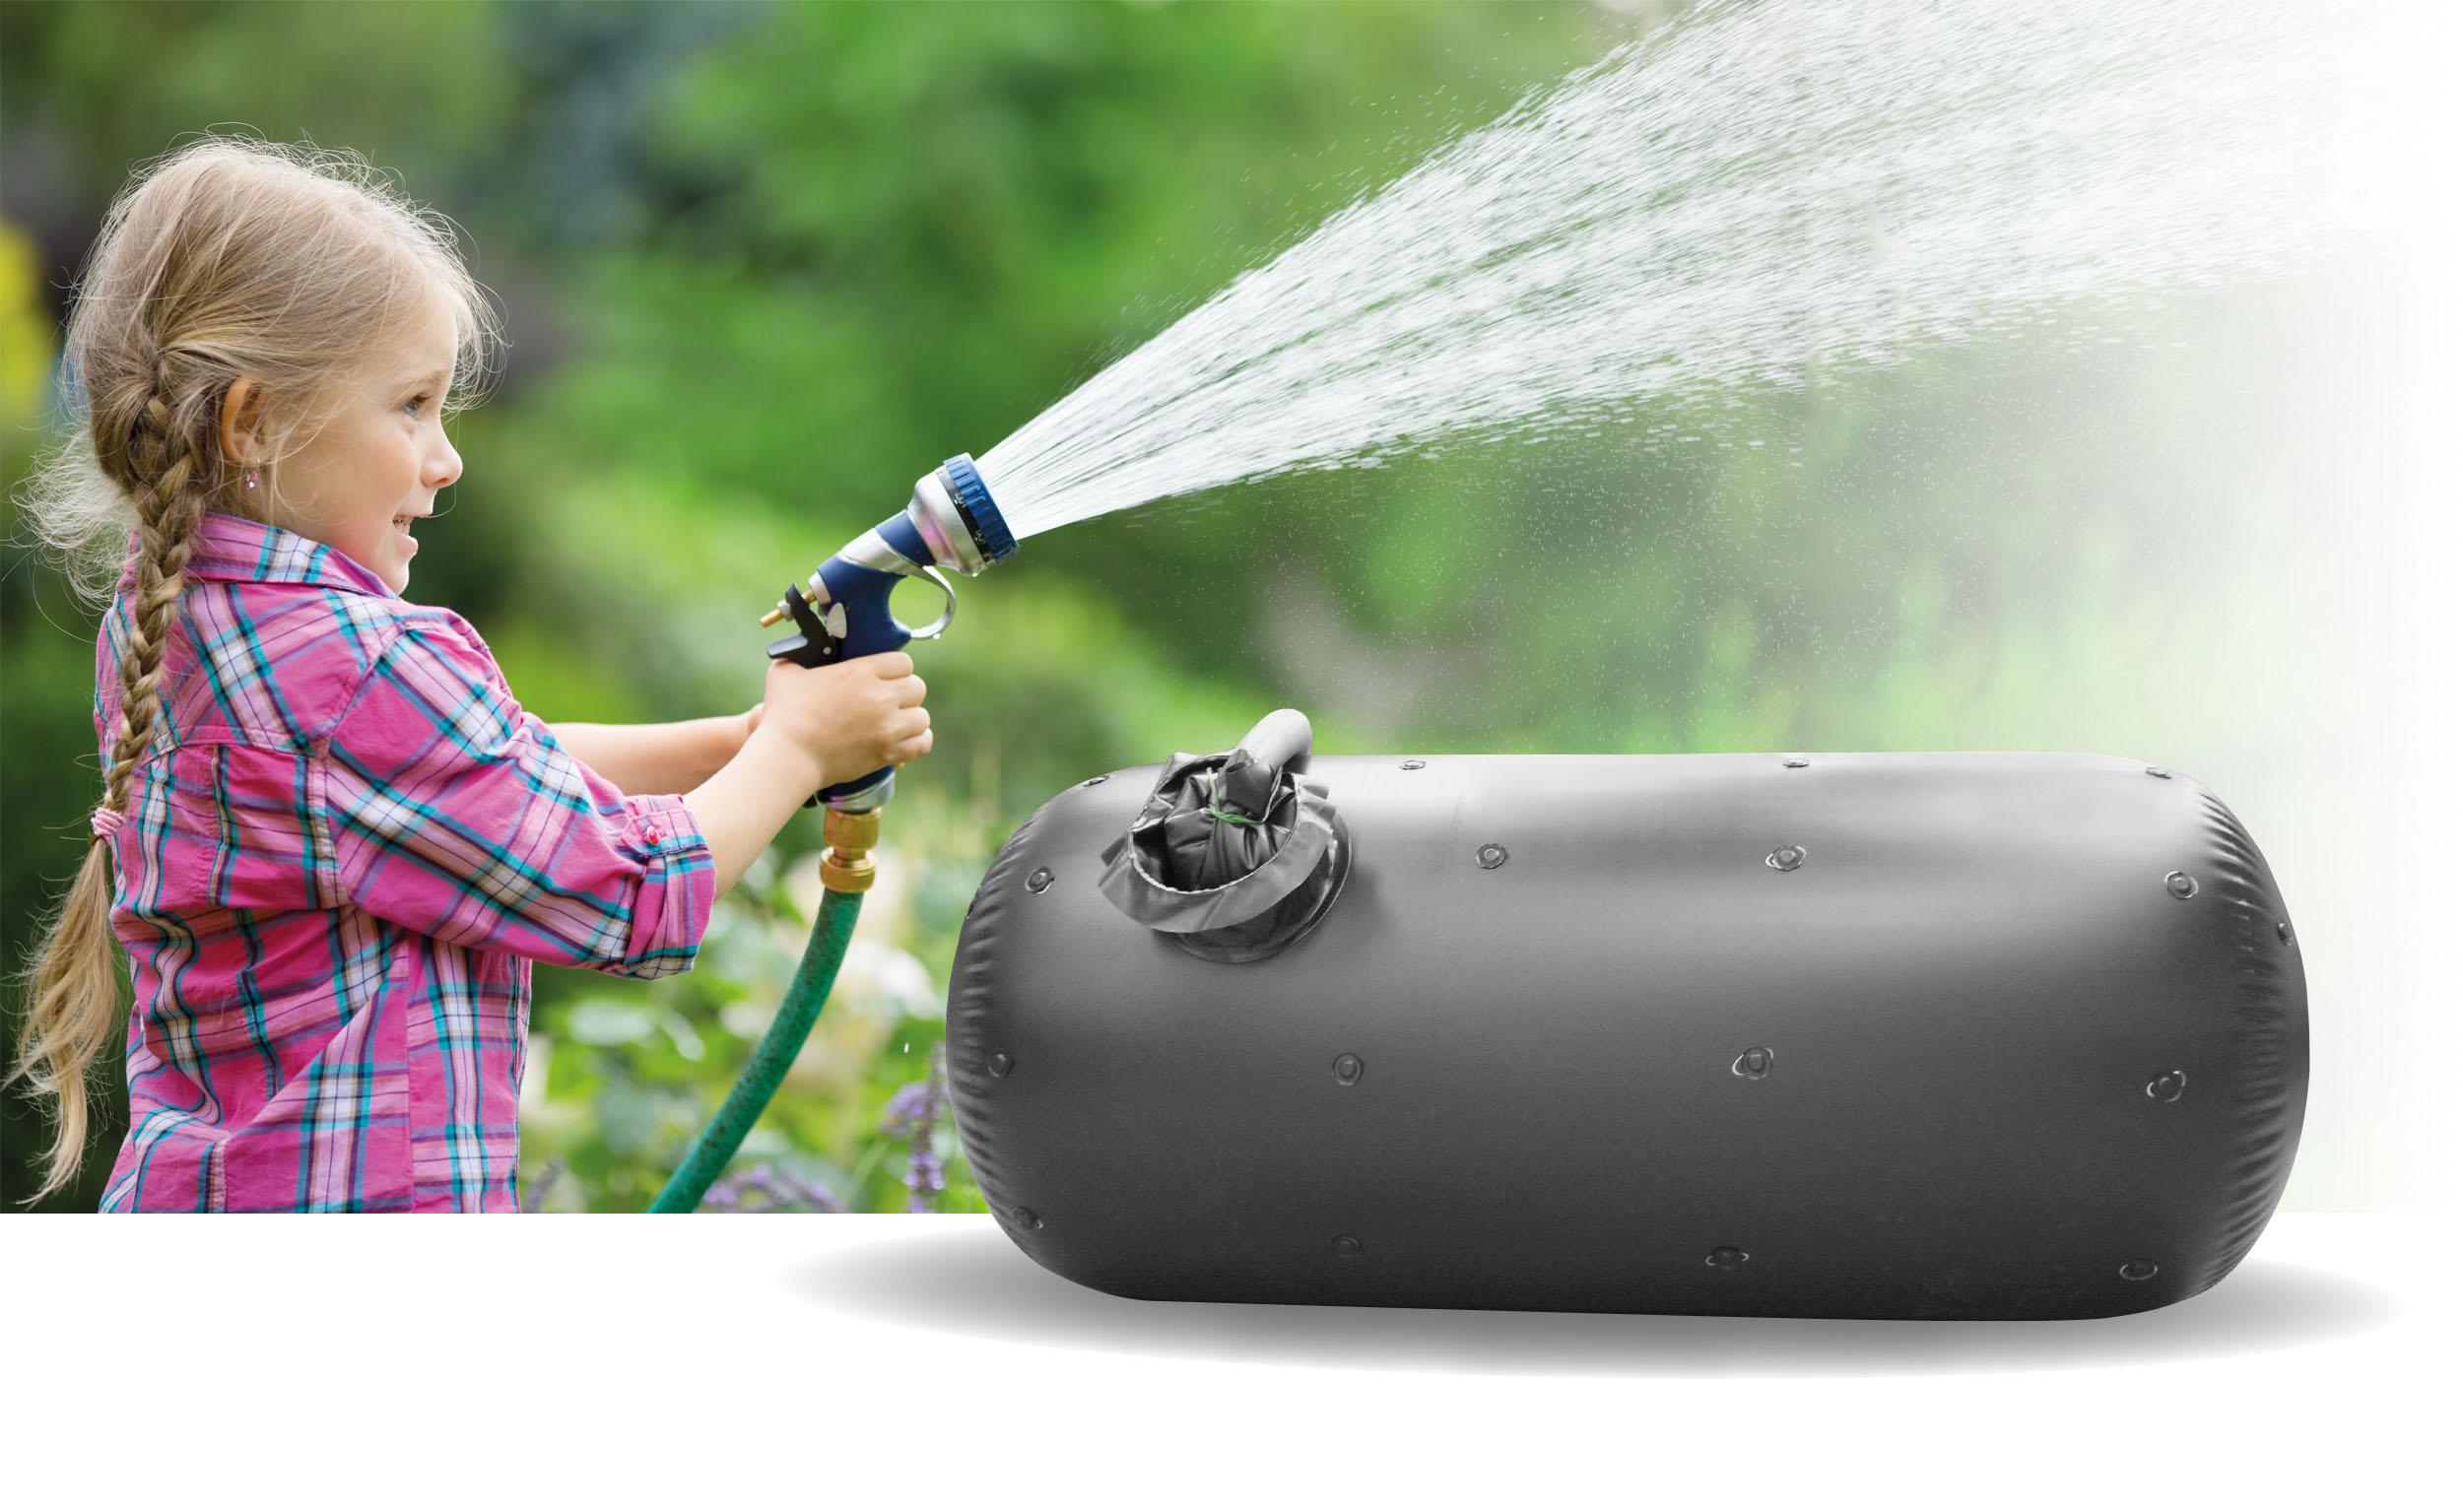 Regenwasser statt Öl speichern